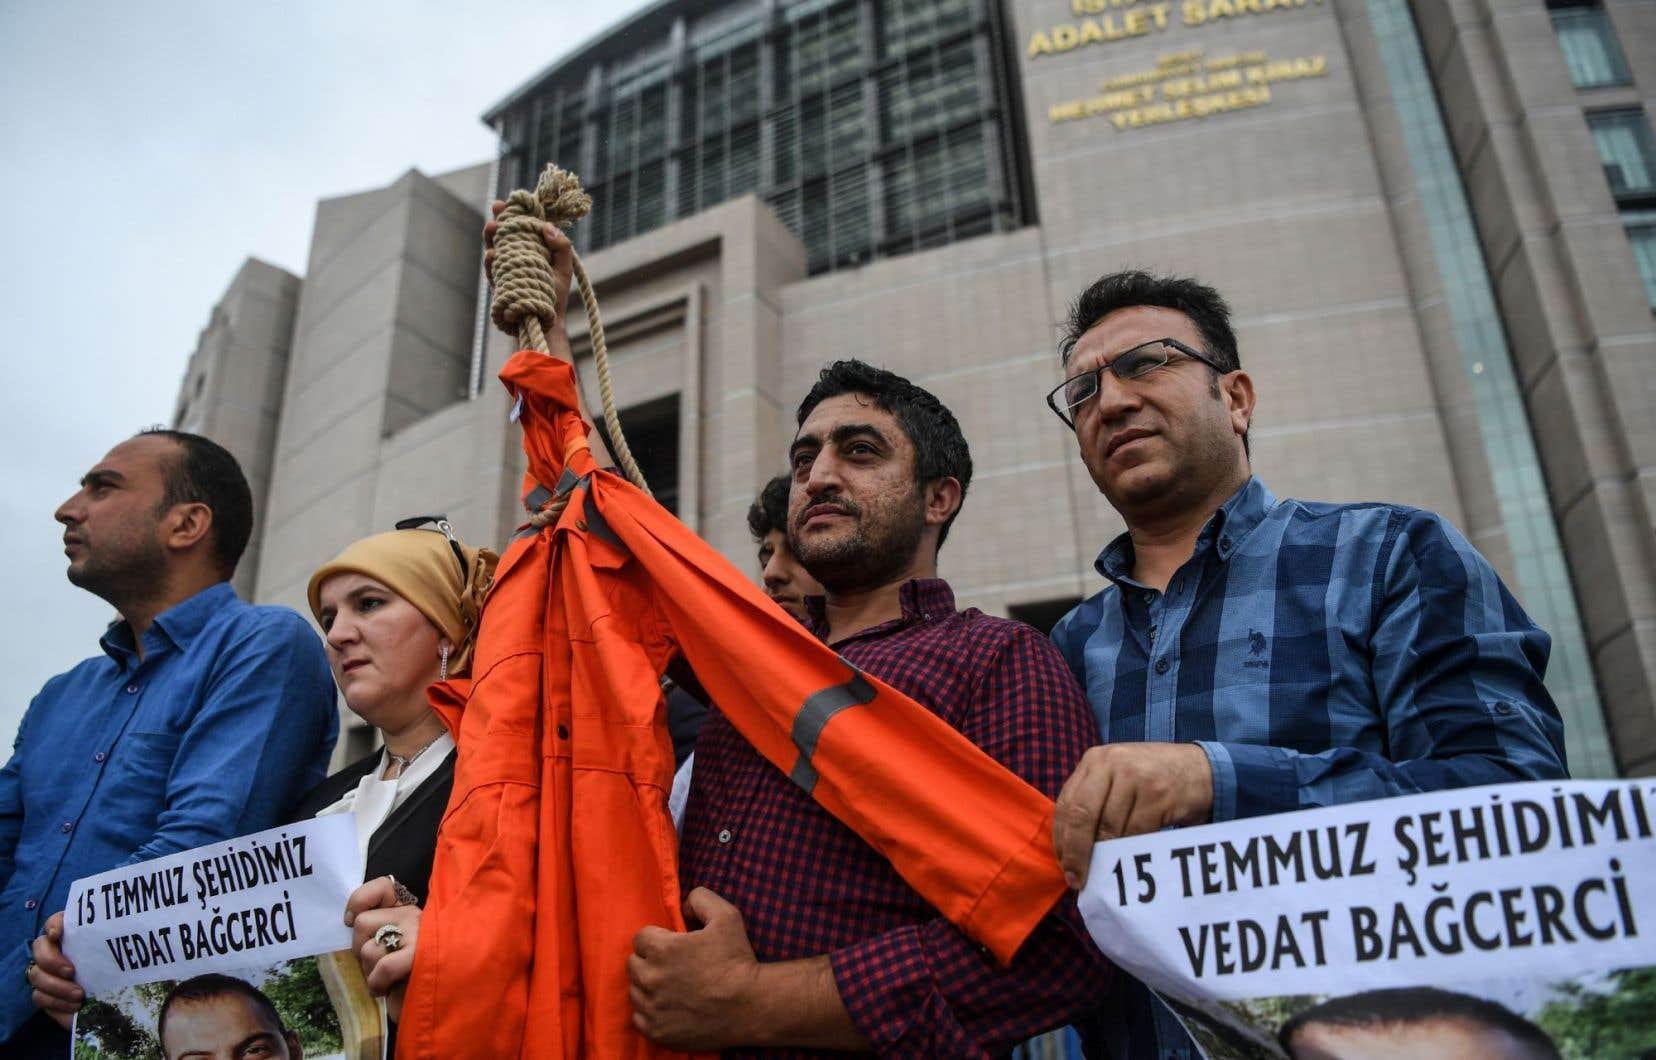 Depuis le putsch avorté, plus de 50000 personnes ont été arrêtées et plus de 100000 limogées.